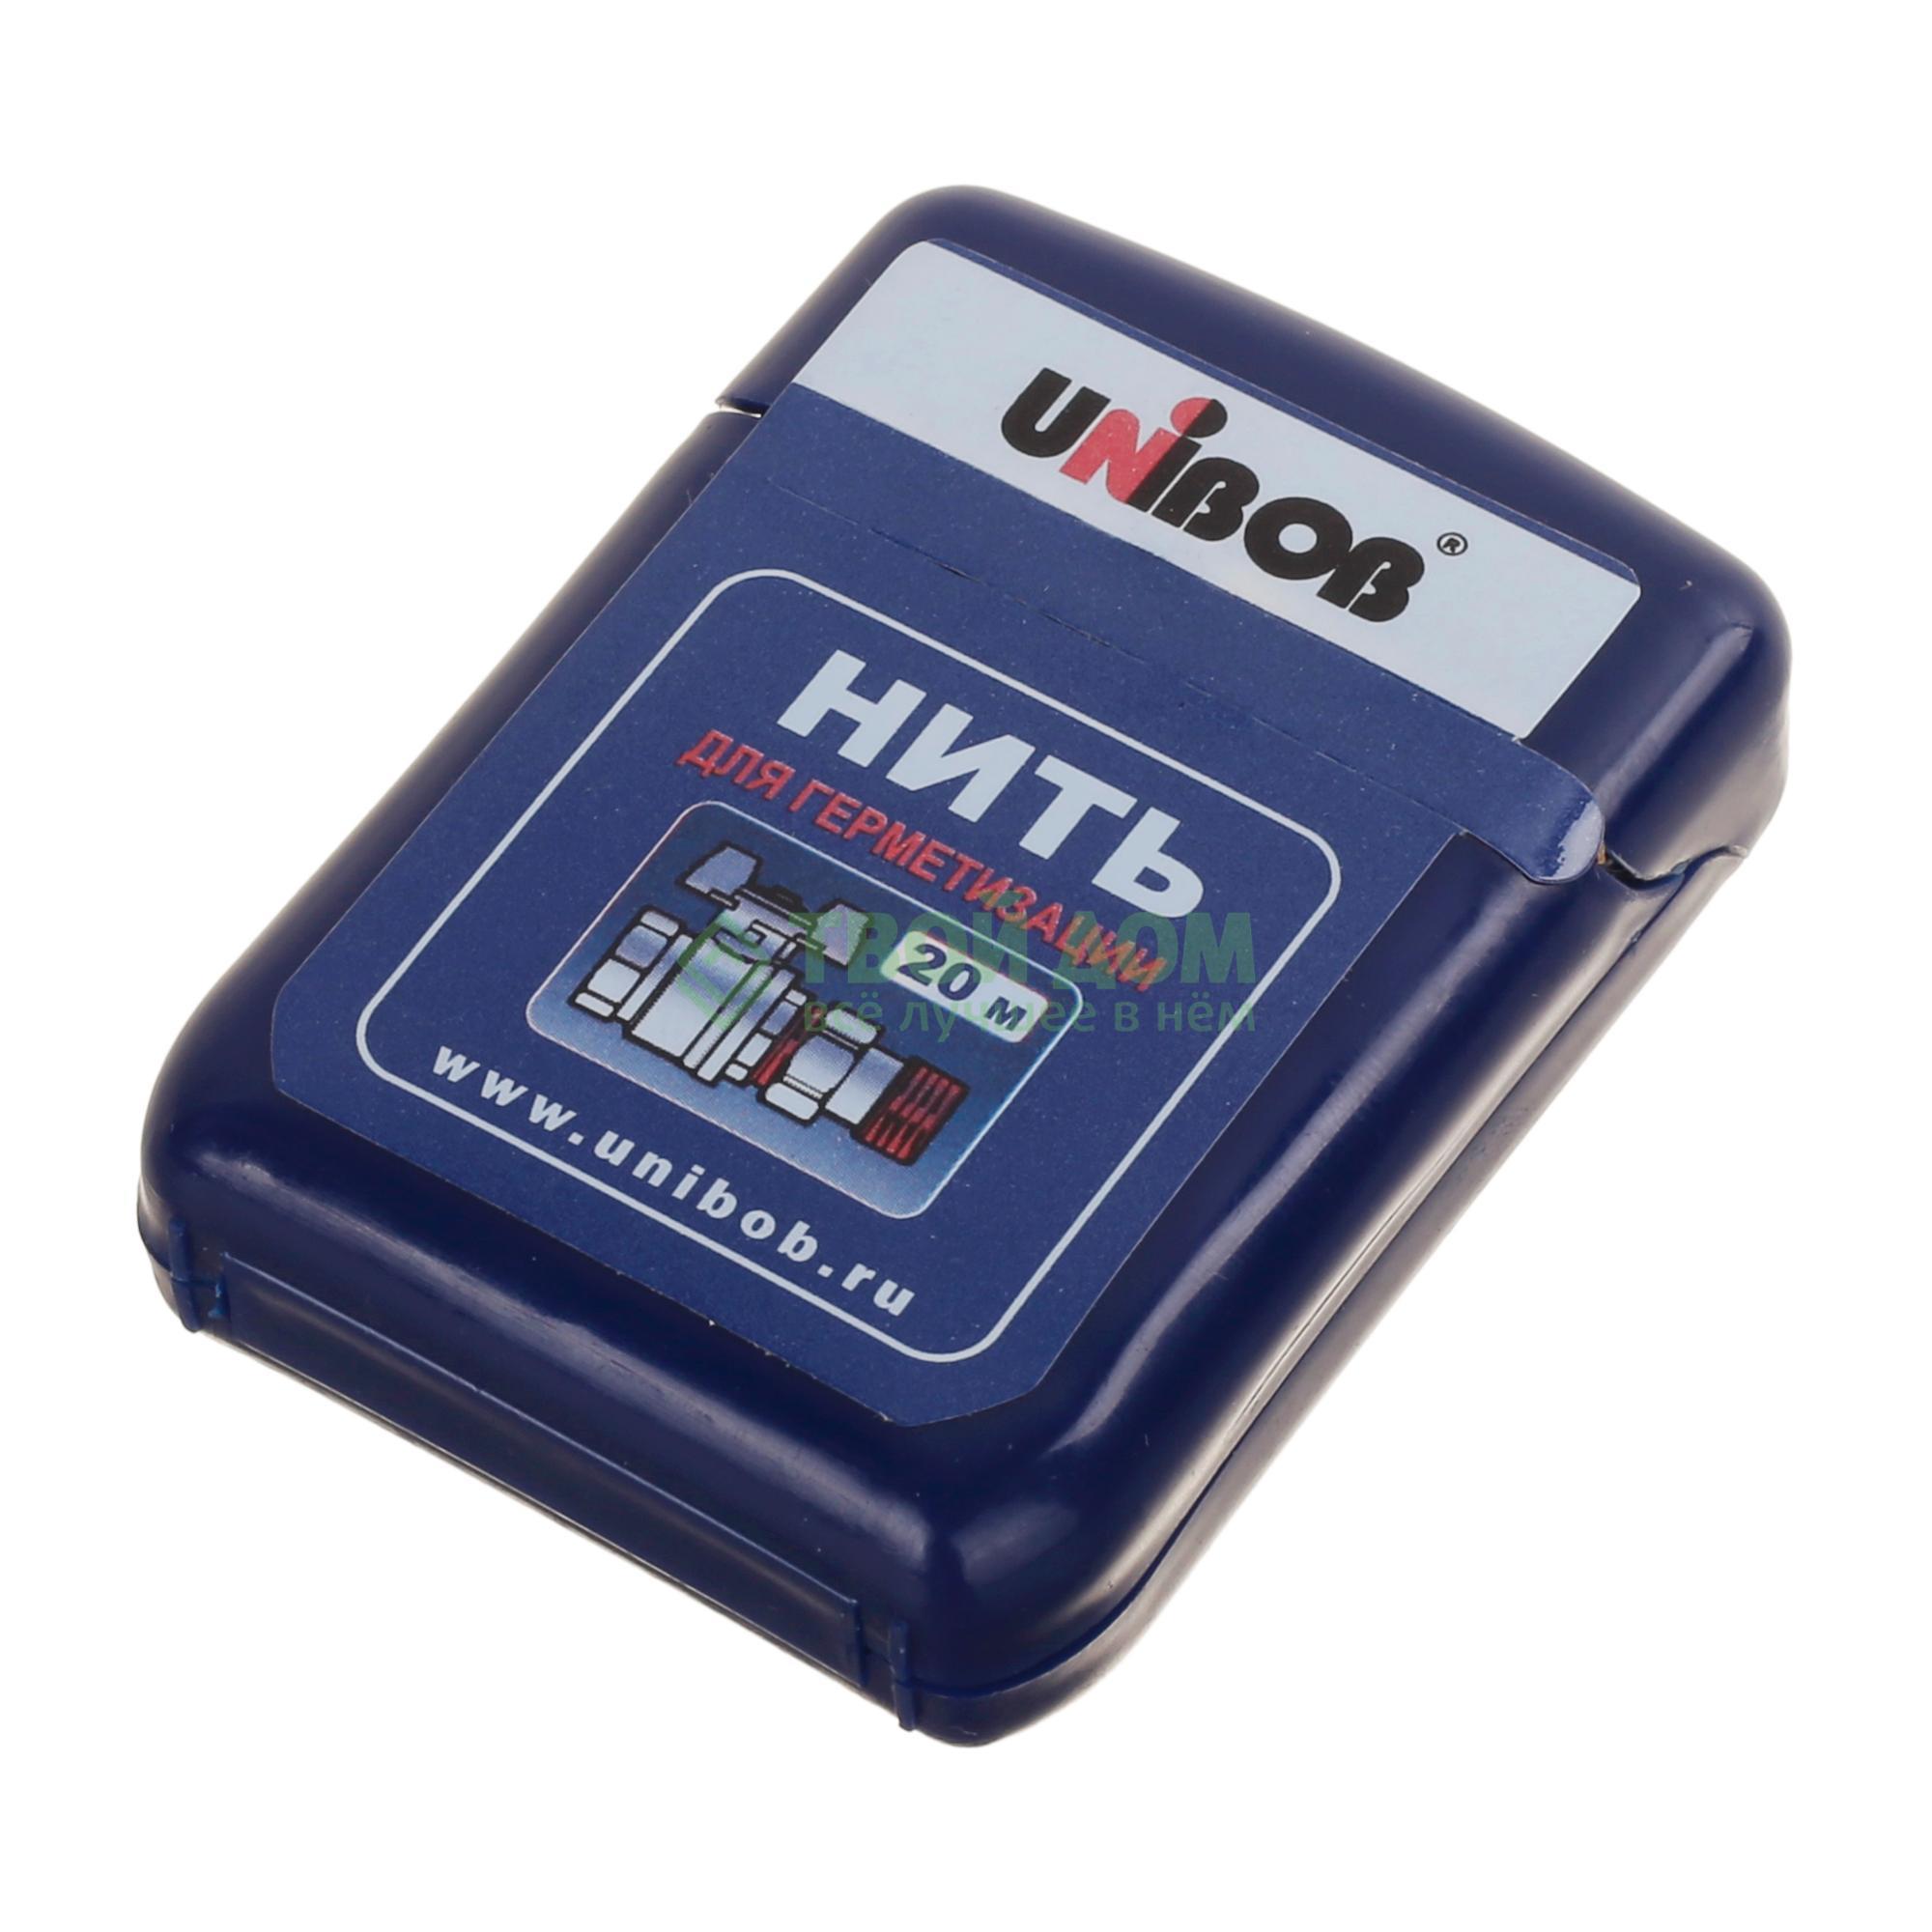 Нить Unibob для герметизации резьбовых соединений 20 м